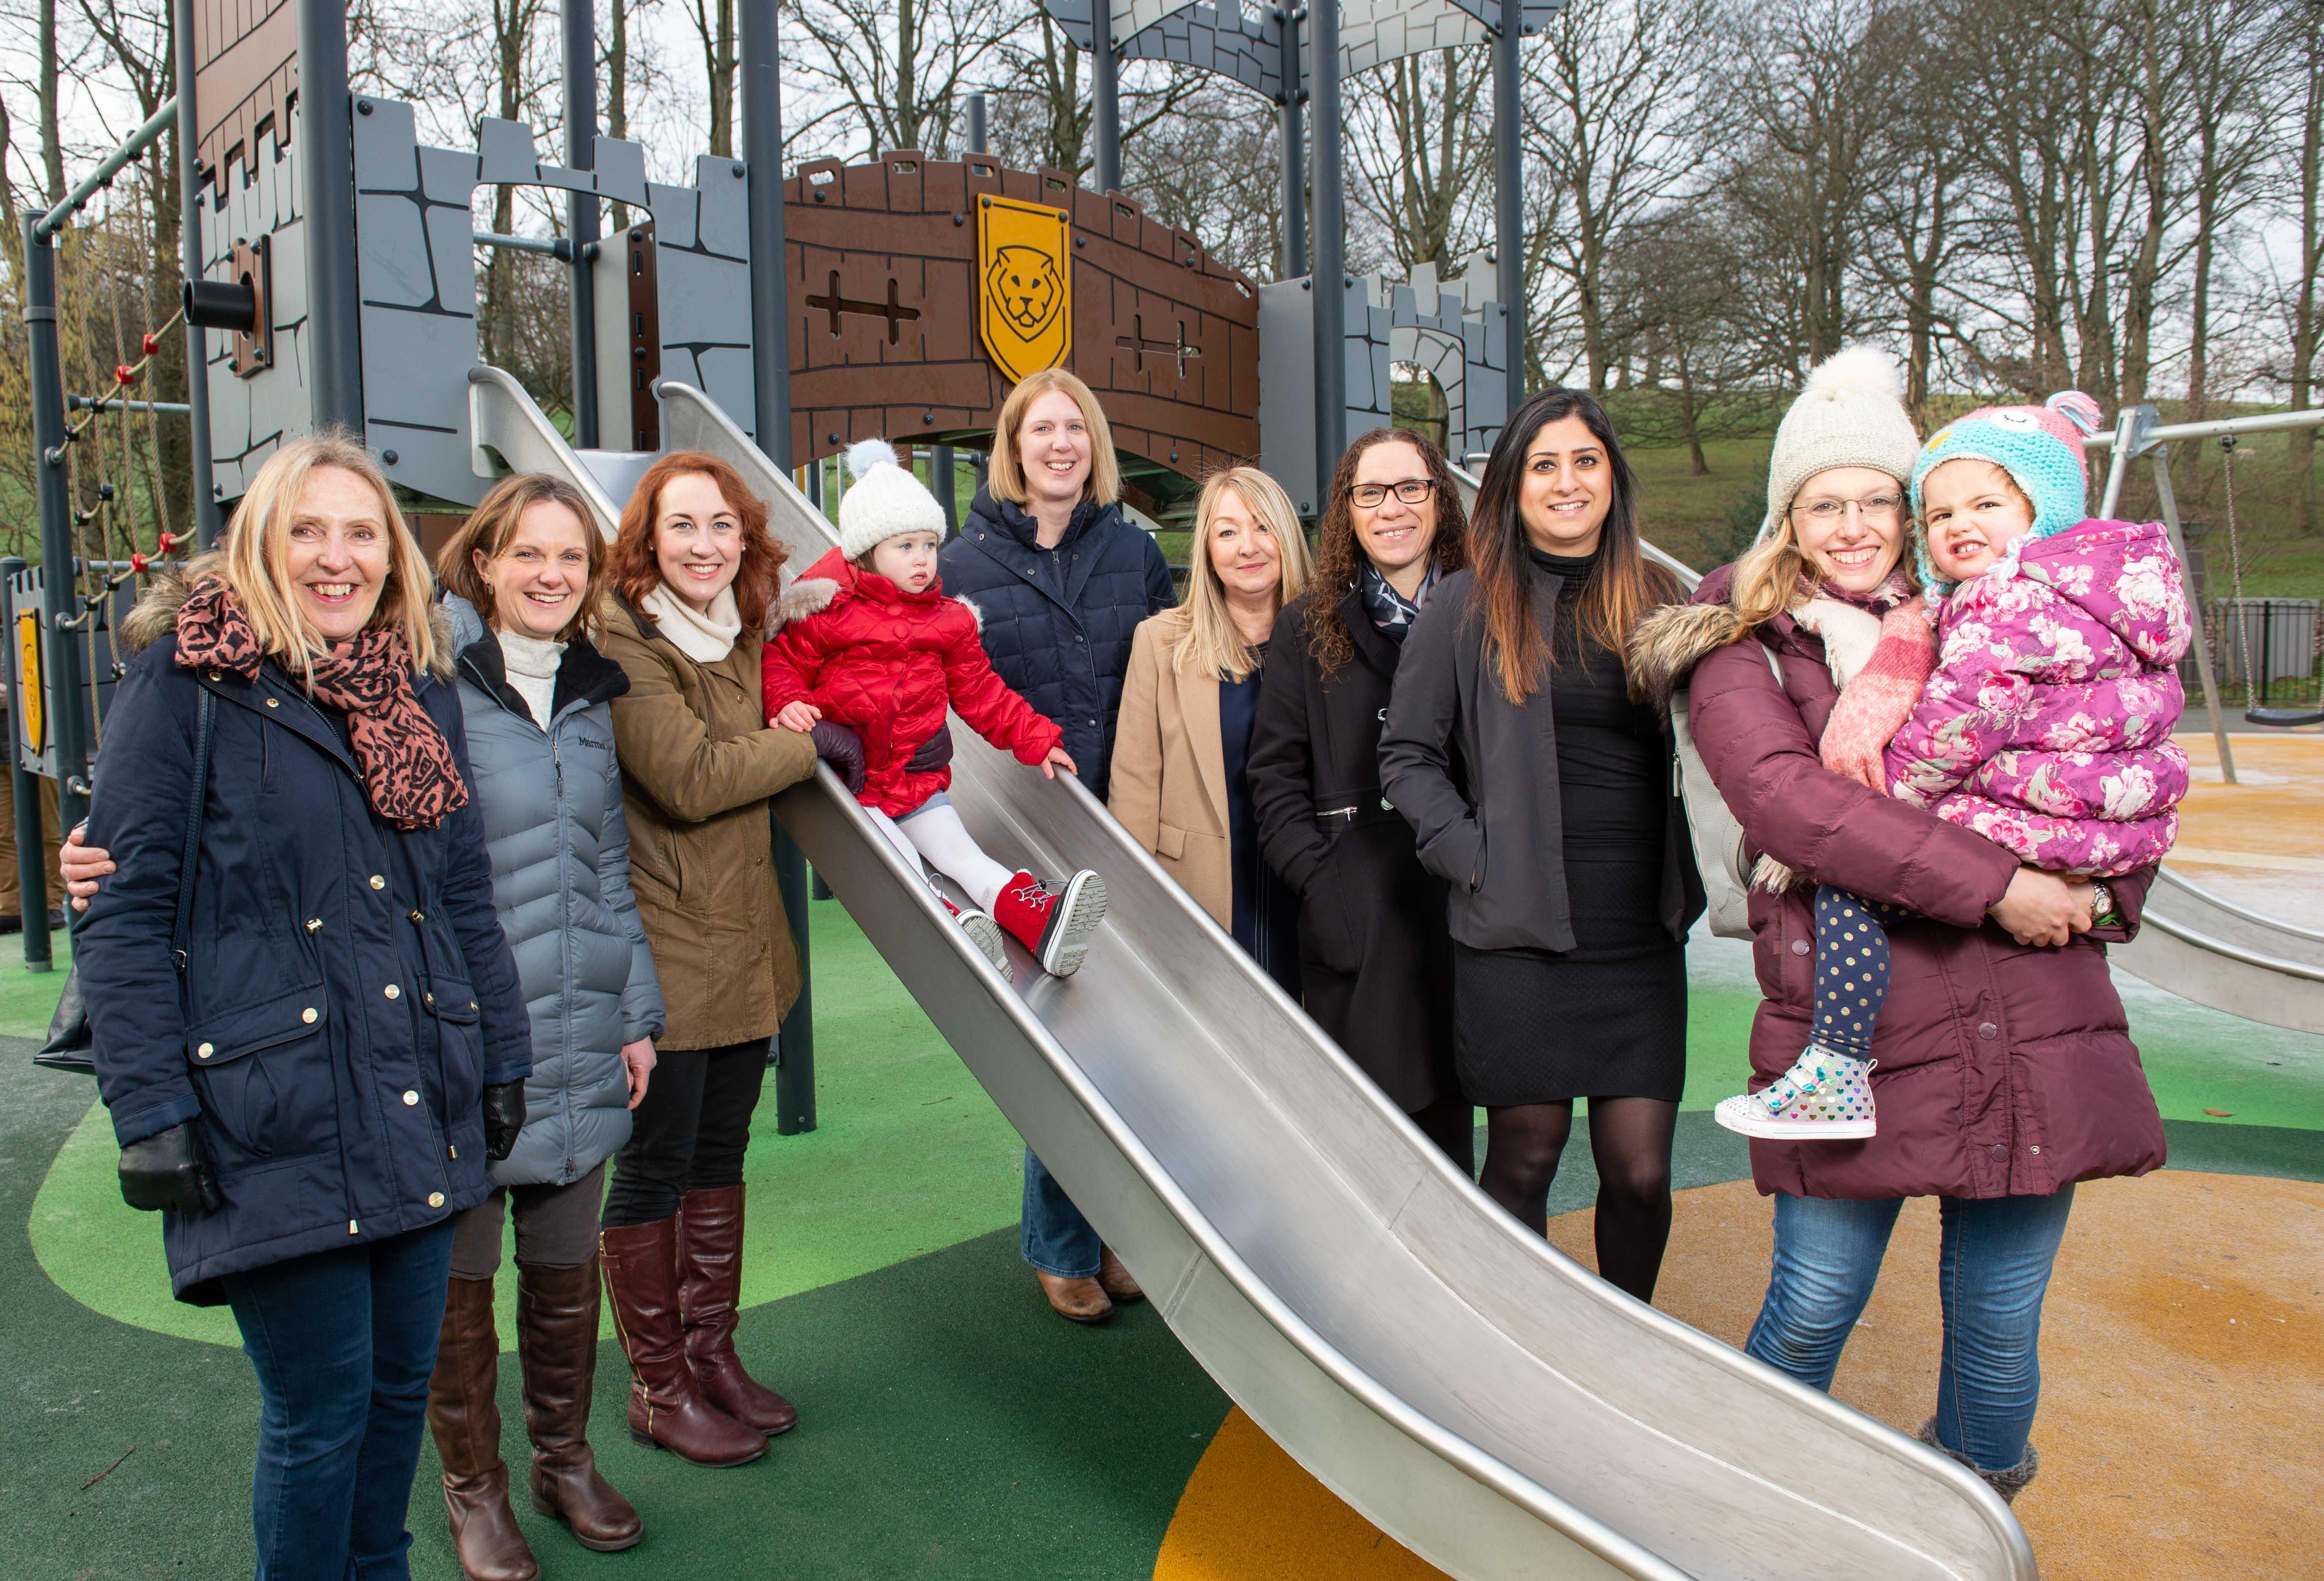 New roundhay park playground